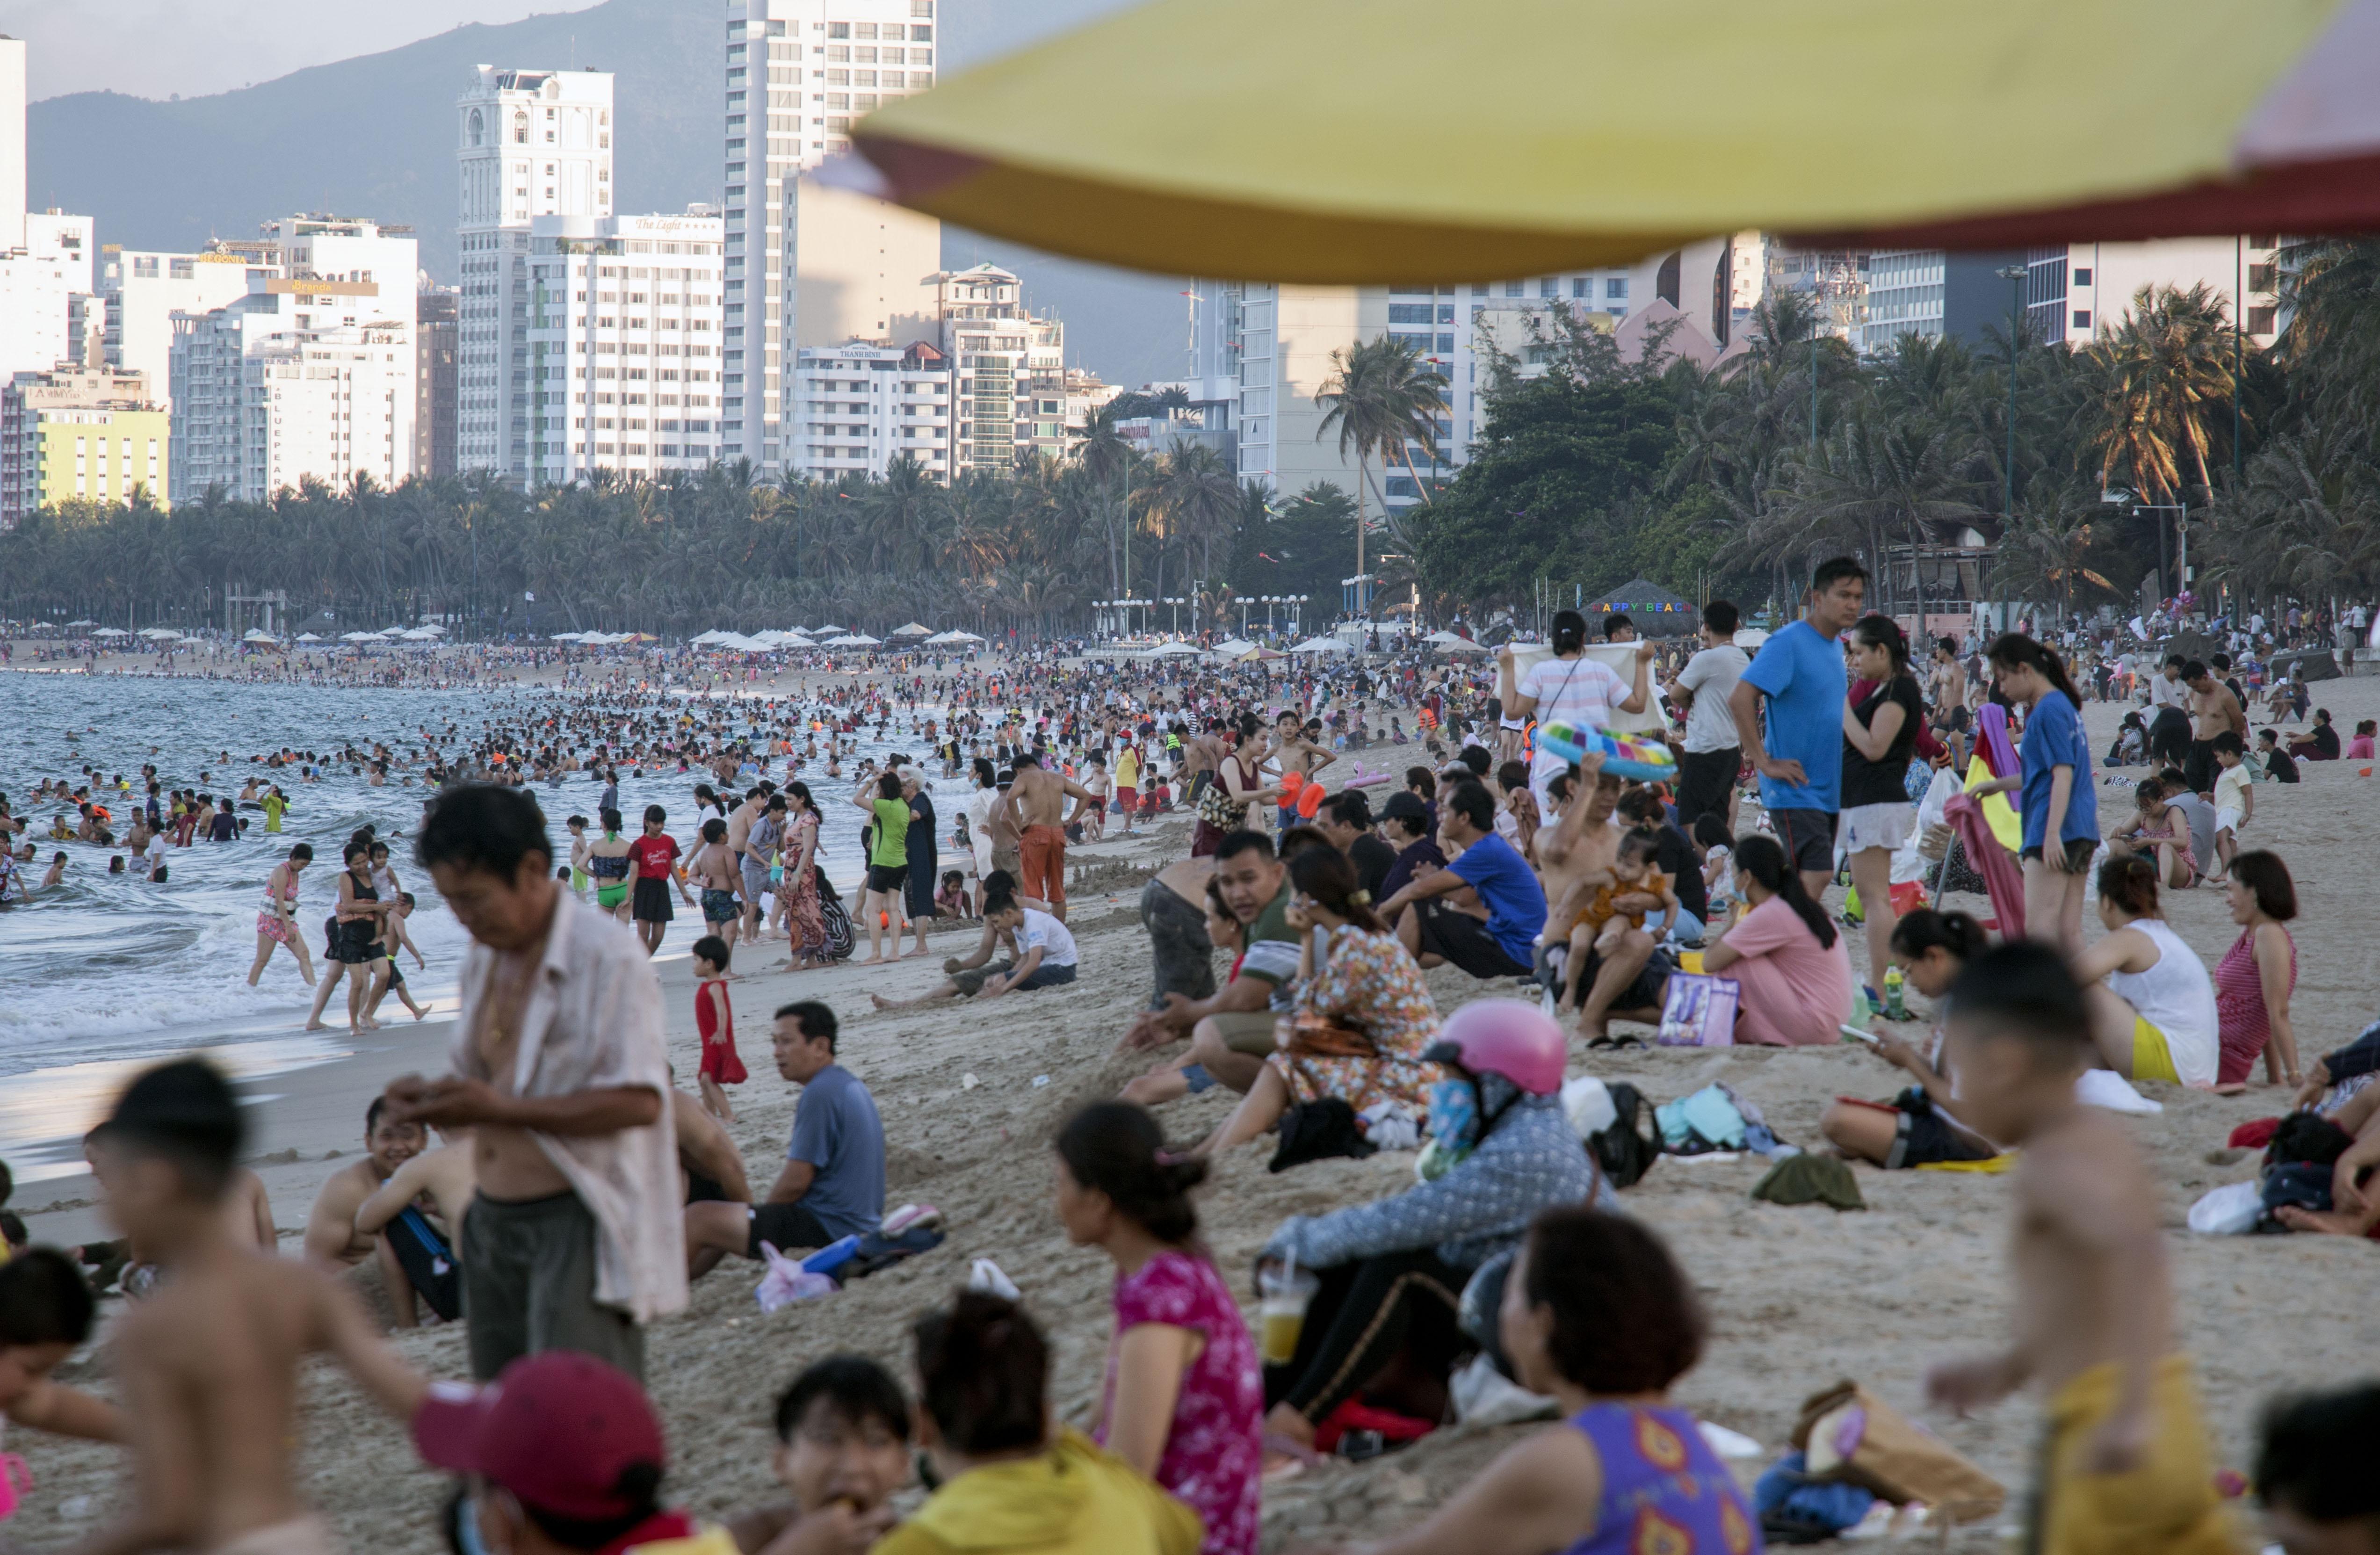 Hàng triệu người du lịch khắp cả nước 4 ngày nghỉ lễ - Ảnh 15.